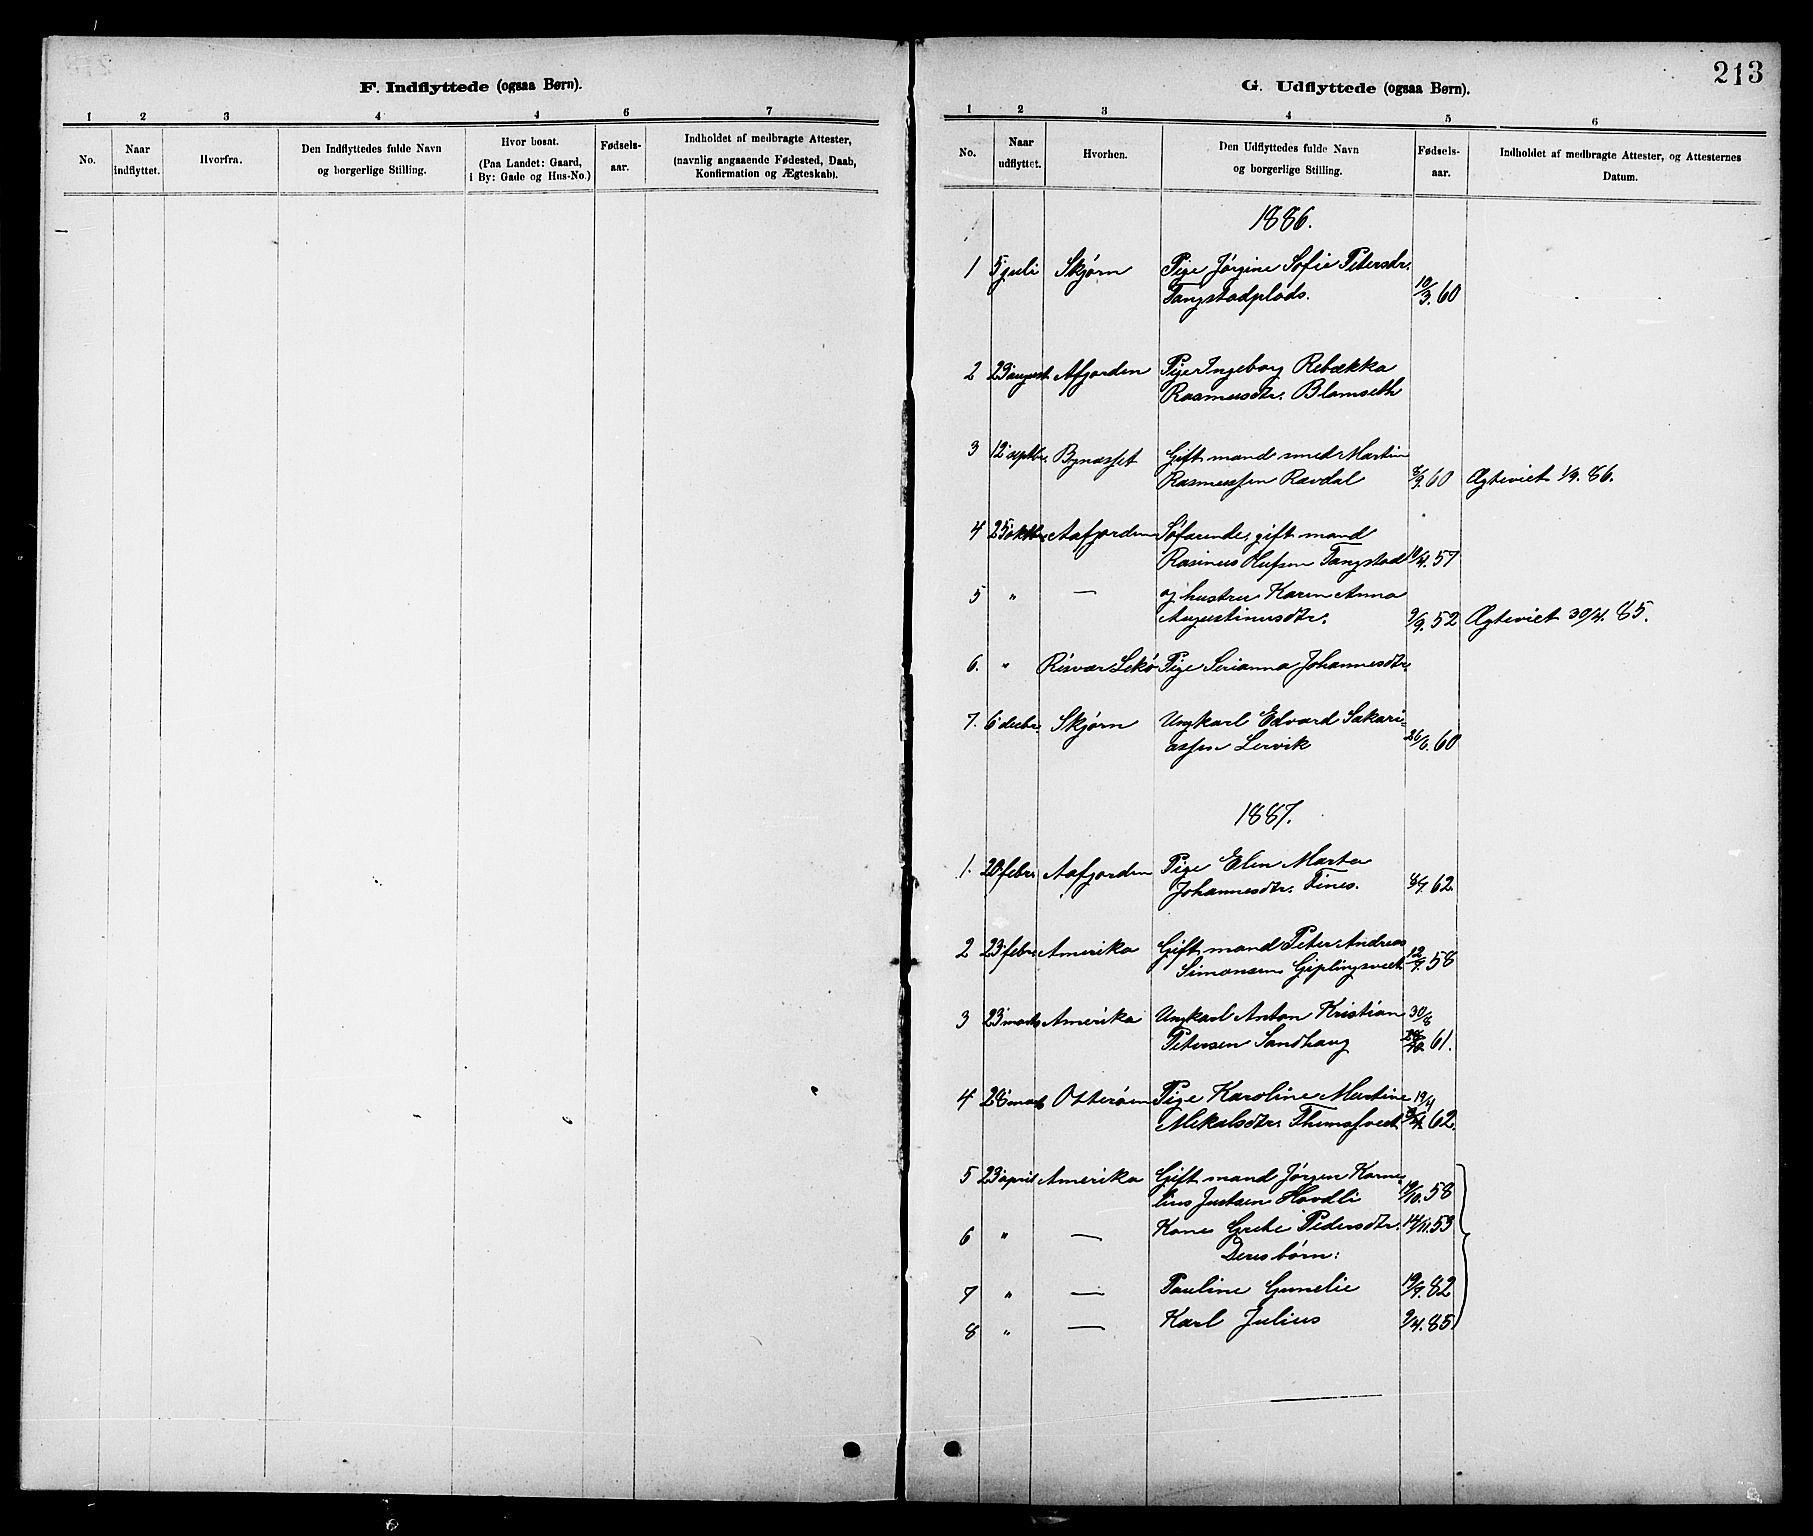 SAT, Ministerialprotokoller, klokkerbøker og fødselsregistre - Nord-Trøndelag, 744/L0423: Klokkerbok nr. 744C02, 1886-1905, s. 213